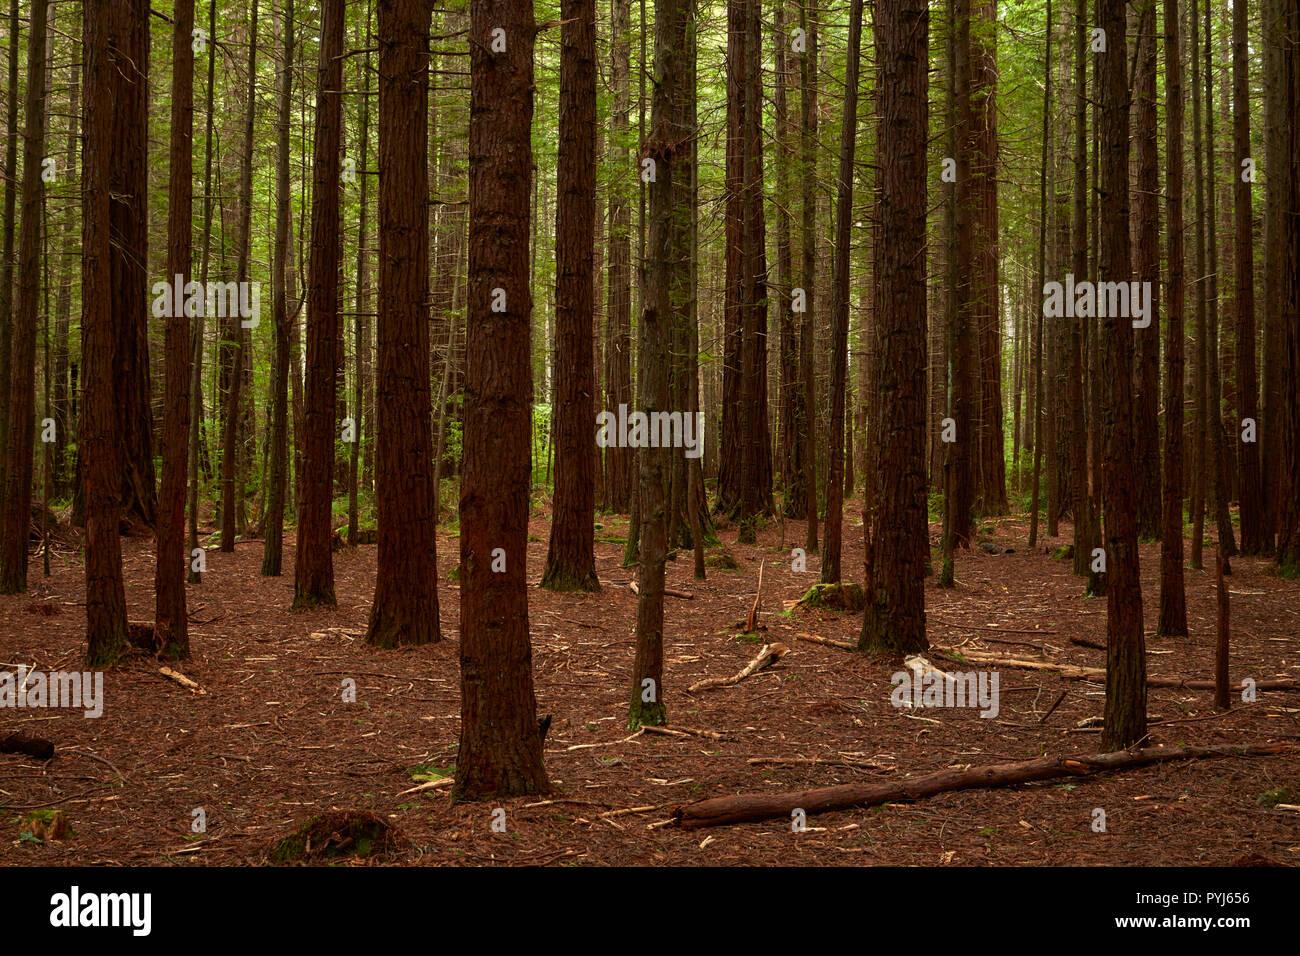 Bois rouge sur le tronc des arbres, la forêt de Redwoods Whakarewarewa (), Rotorua, île du Nord, Nouvelle-Zélande Banque D'Images